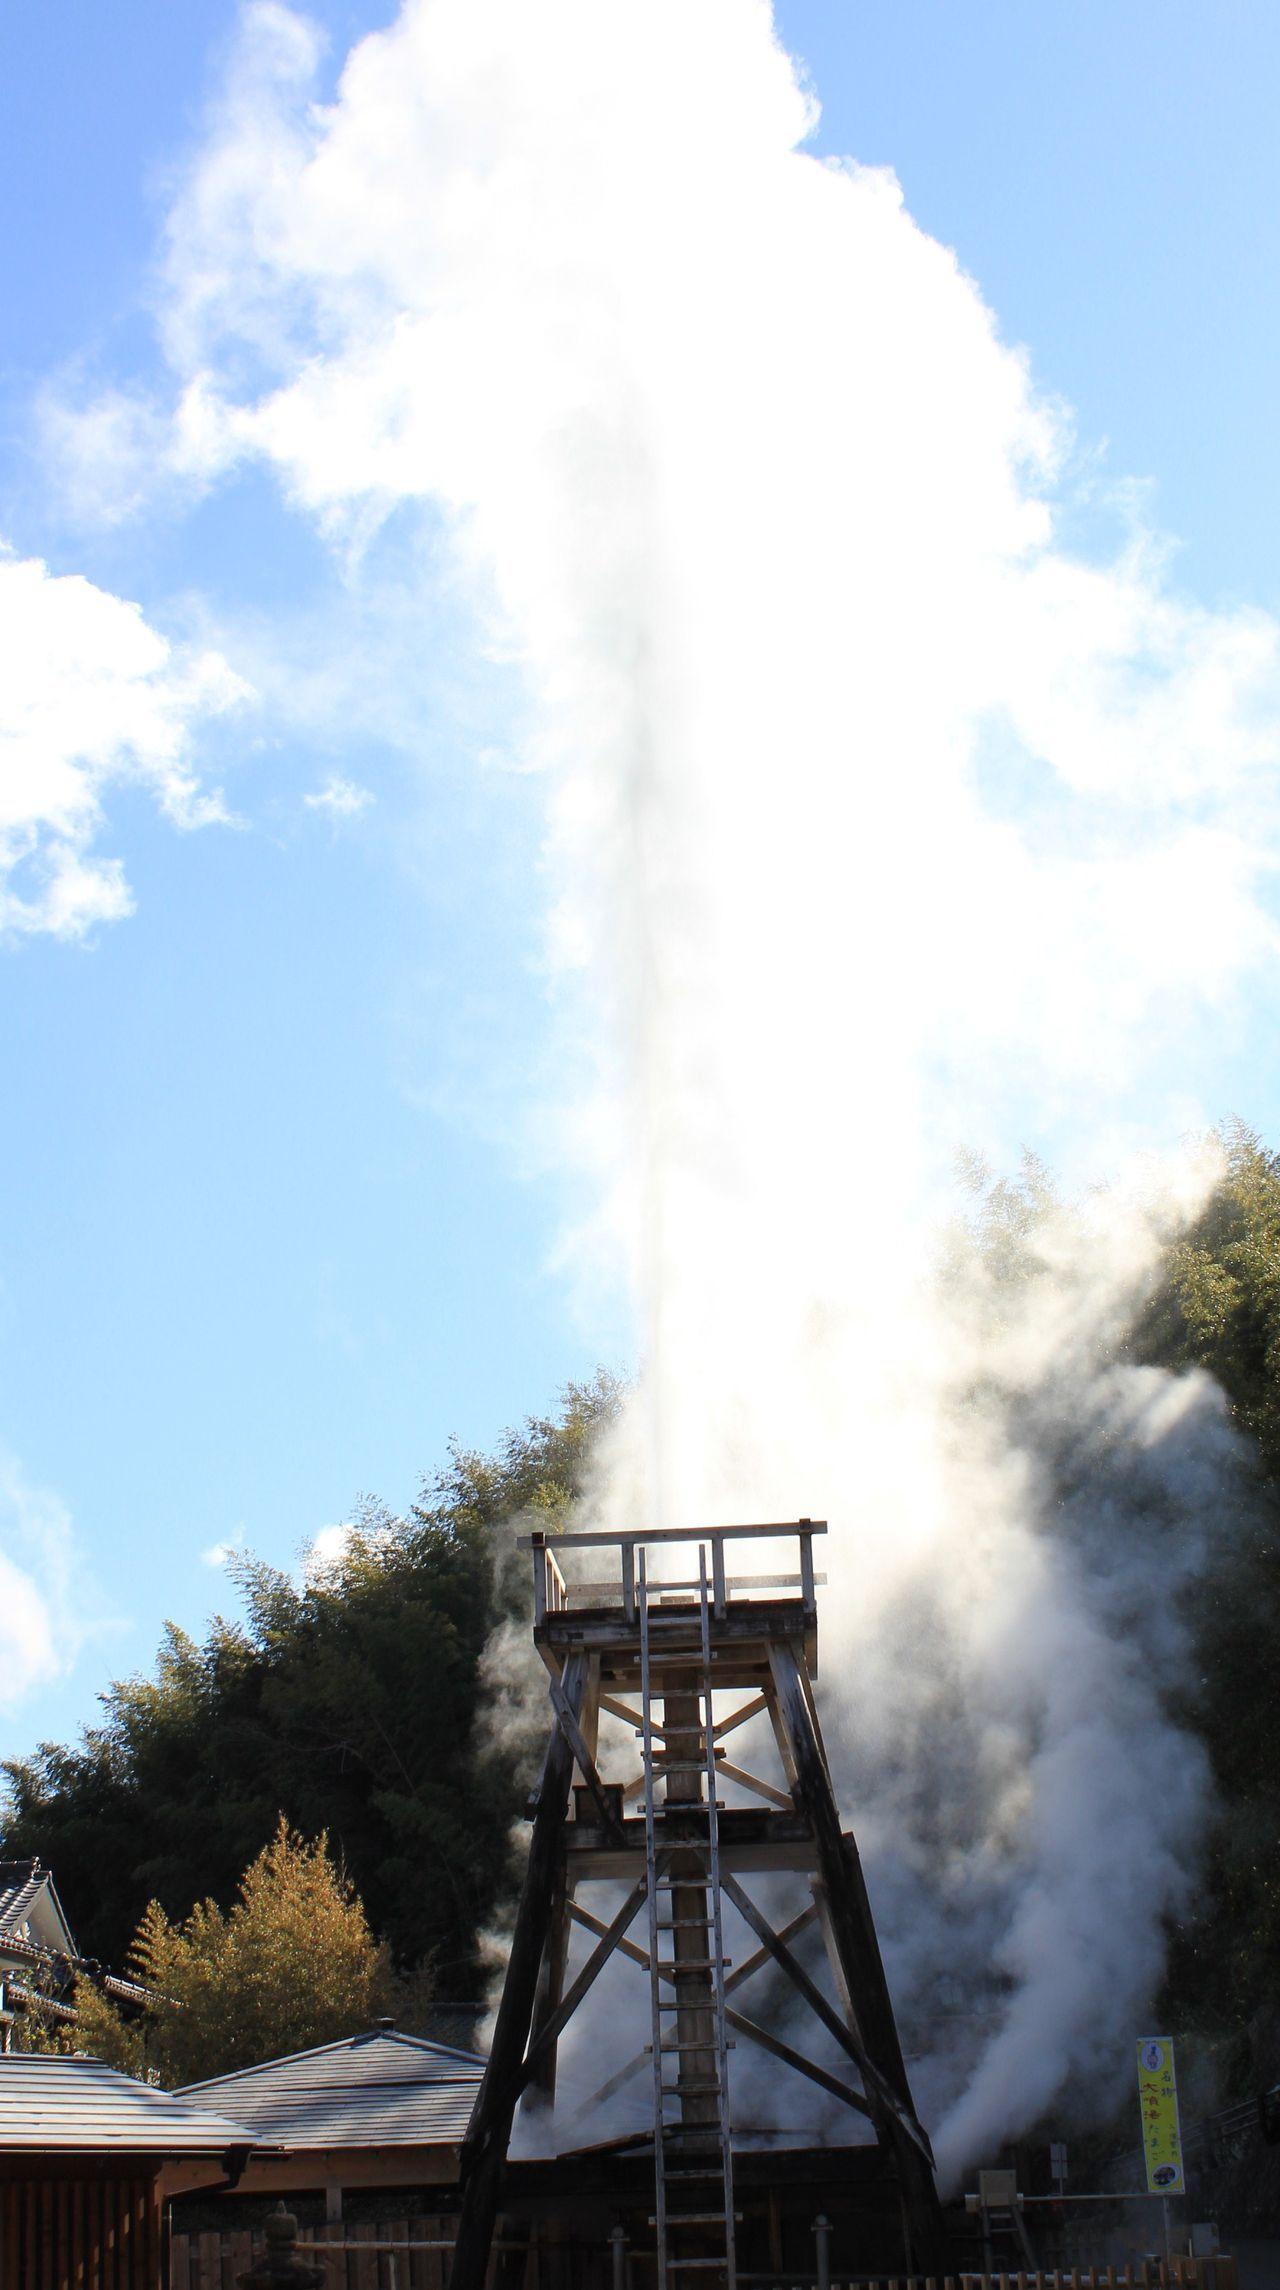 大迫力の温泉を丸ごと体感!伊豆・河津町「峰温泉大噴湯公園」